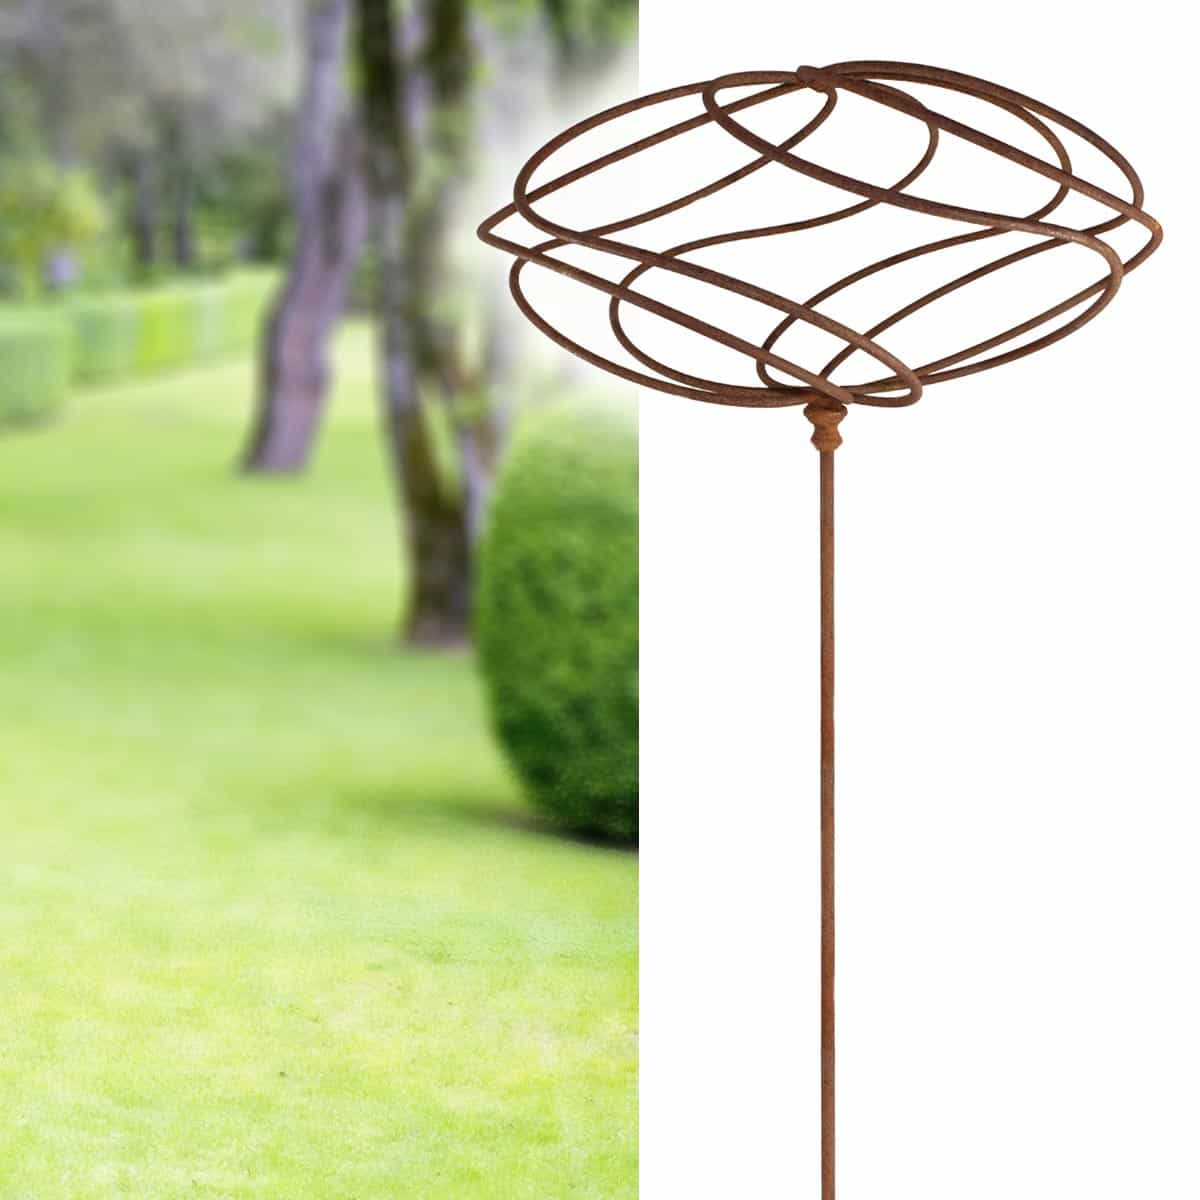 Tuteur Sculpture Ellipse En Fer Brut encequiconcerne Jardins Animés Sculpture